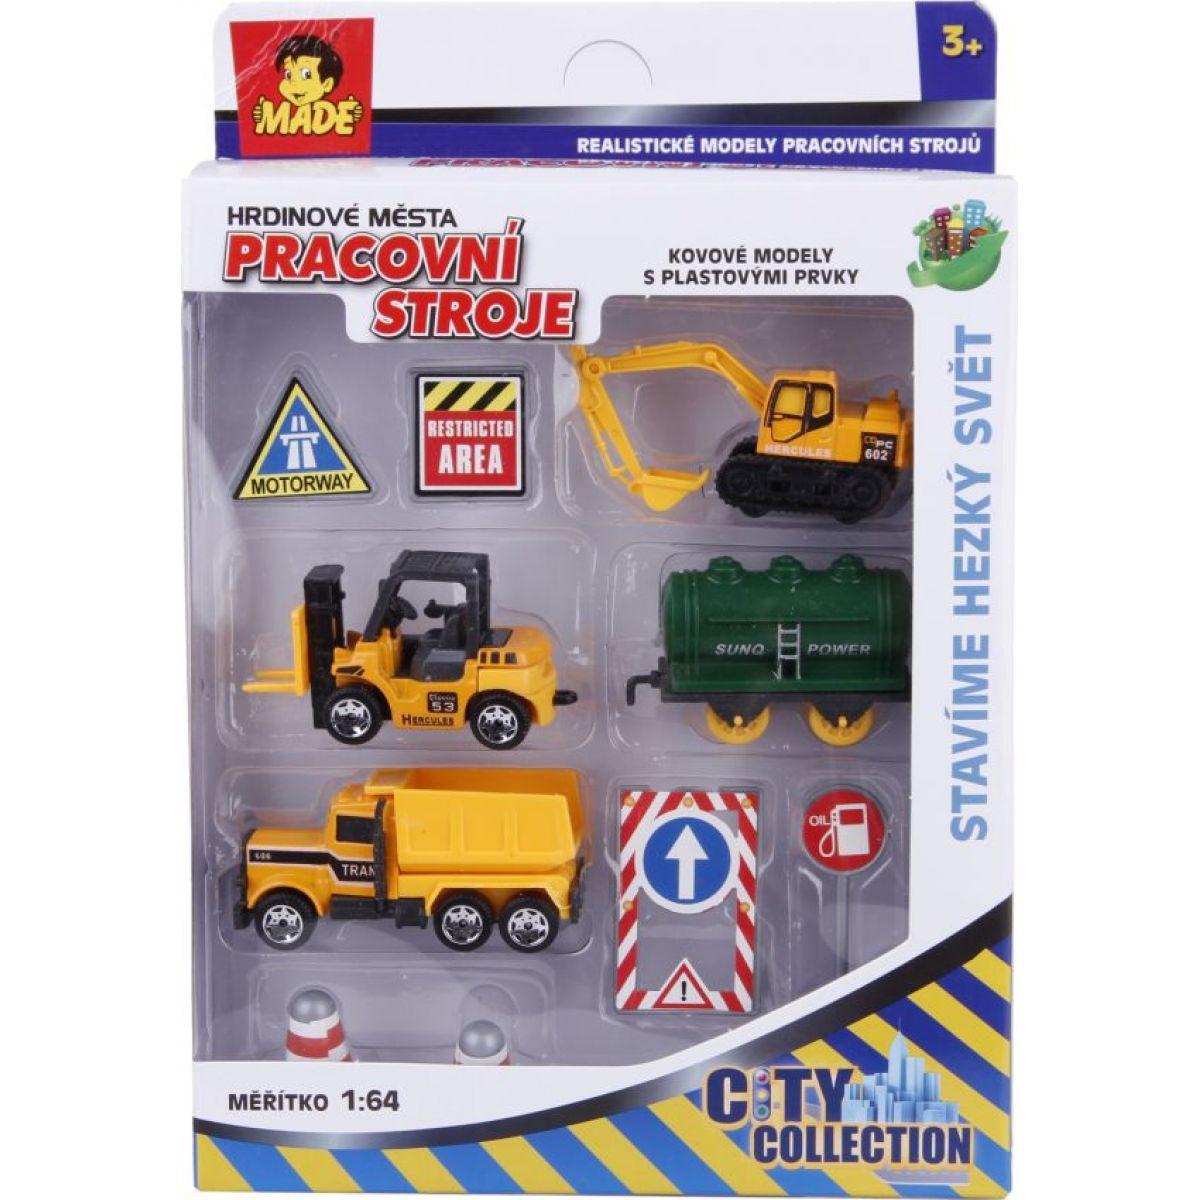 MaDe Sestava se stavebními auty 87717 - Poškozený obal